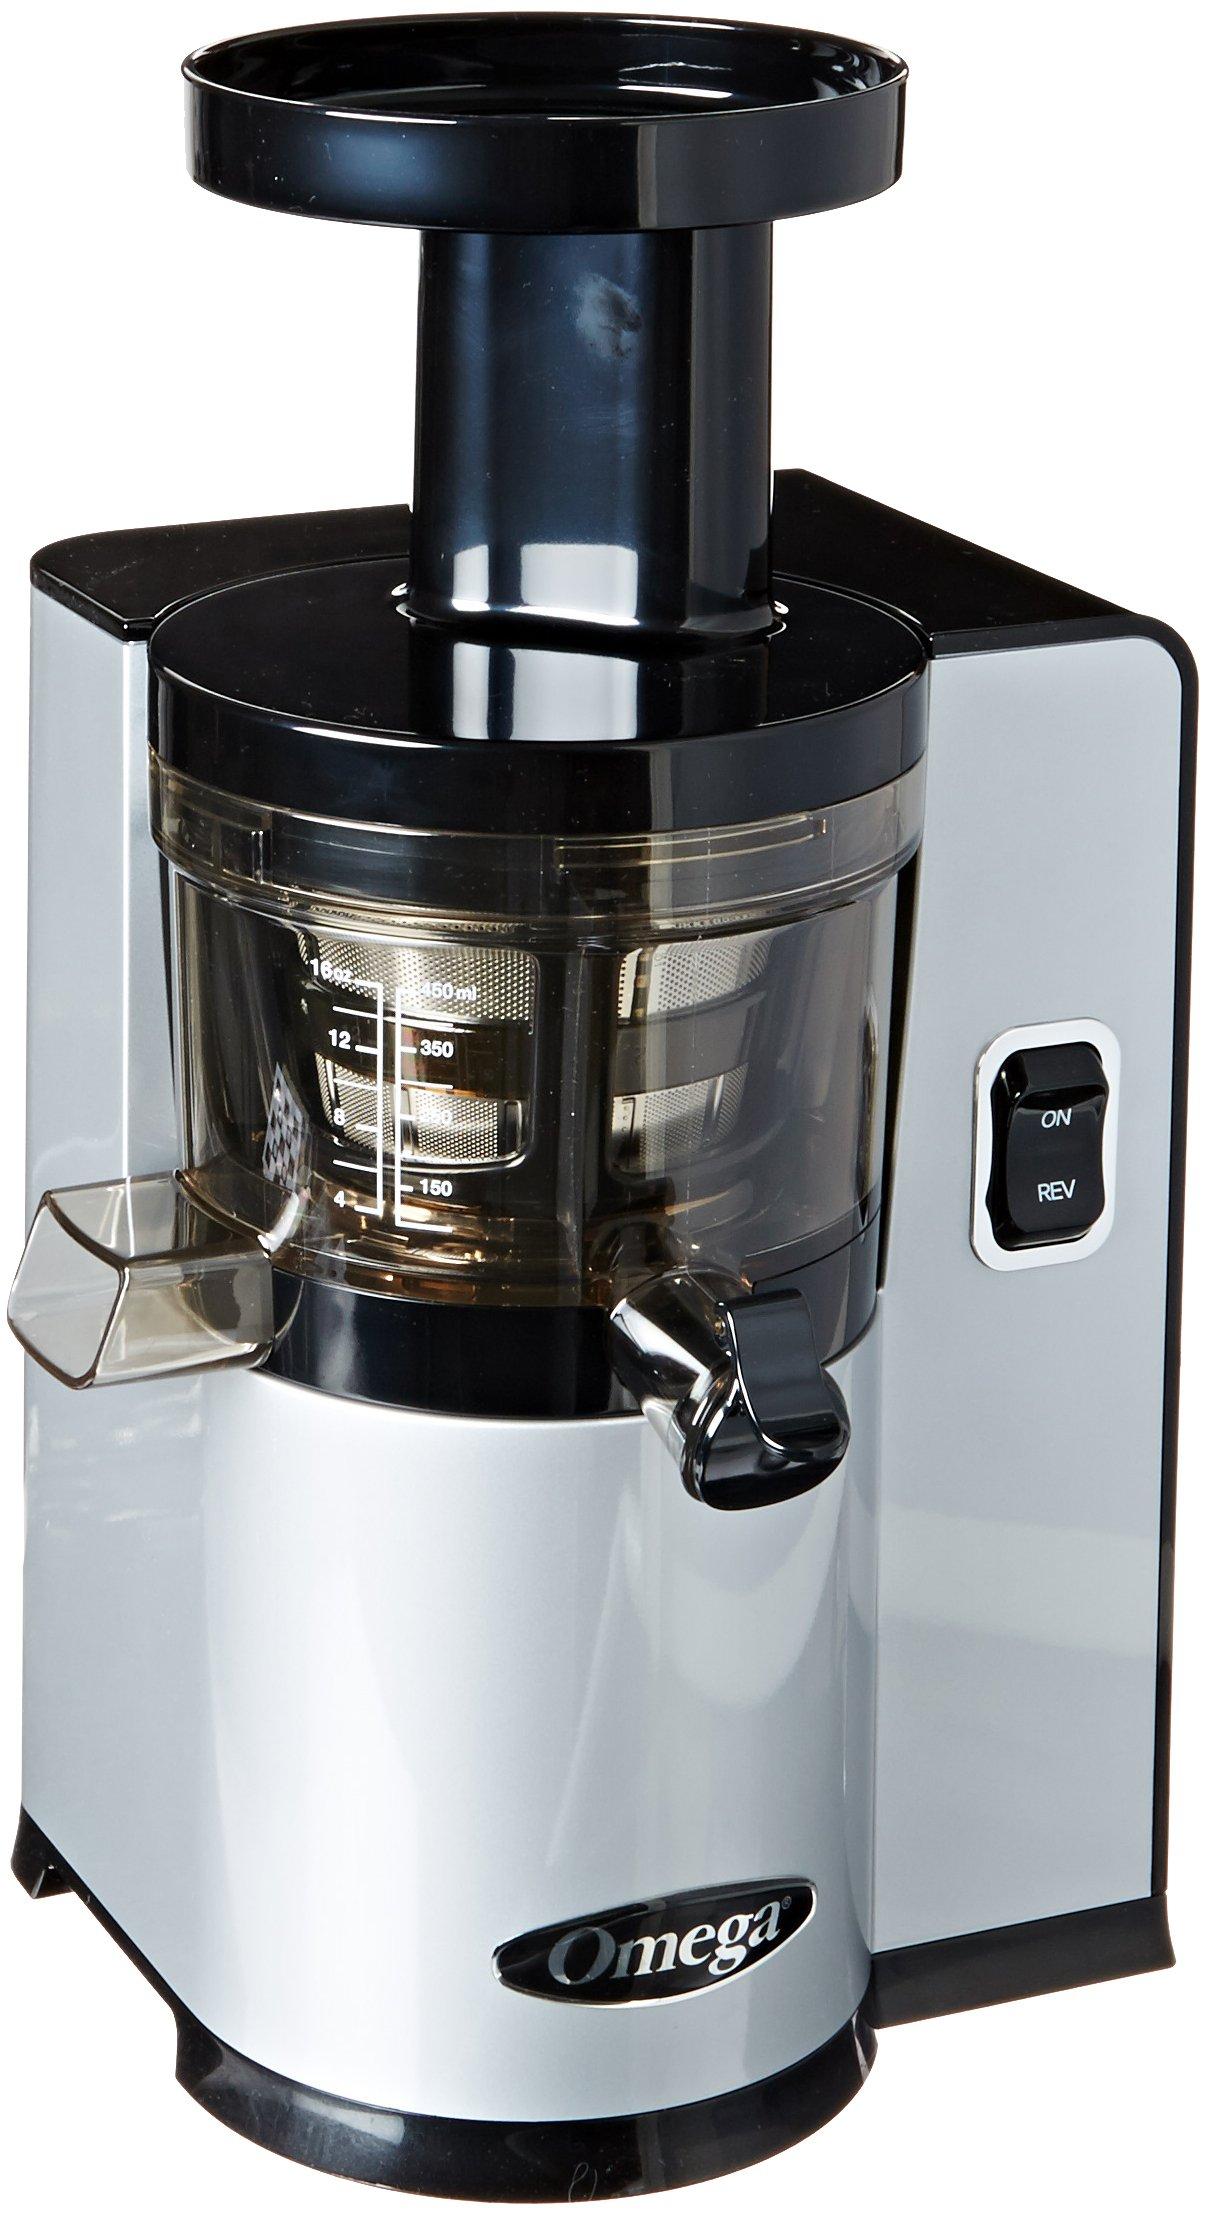 Omega VERT Slow Juicer VSJ843QS, Square Version, Silver